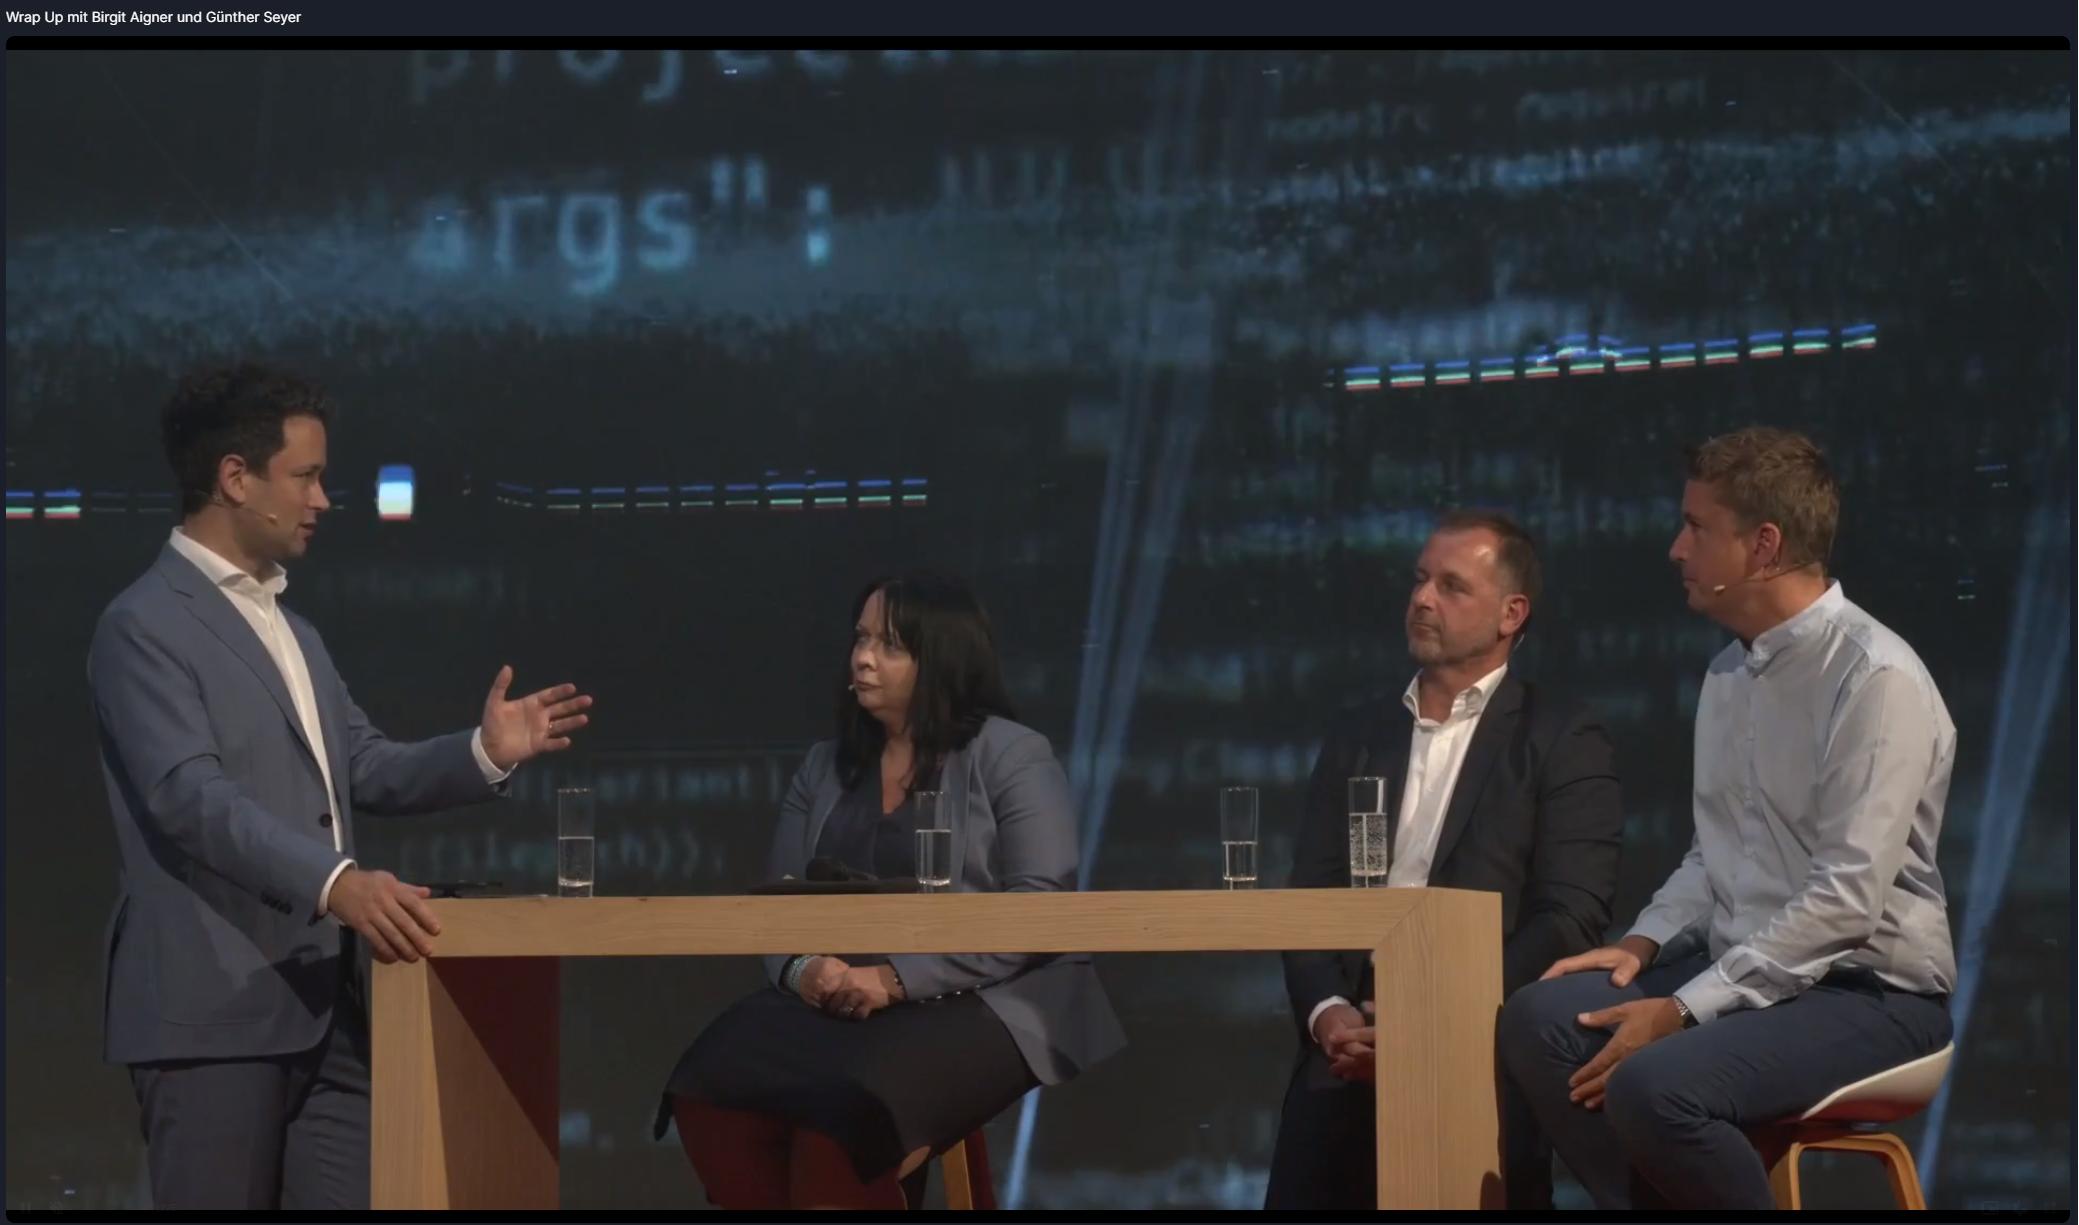 Die Hauptprotagonisten des Abends (v. l. n. r.): Dejan Jovicevic (Moderation, Der Brutkasten), Birgit Aigner (Chief Information Officer Wüstenrot), Günther Seyer (IT-Experte Eurogroup Consulting), Marcel Halwa (Wüstenrot IT-Recruiting)